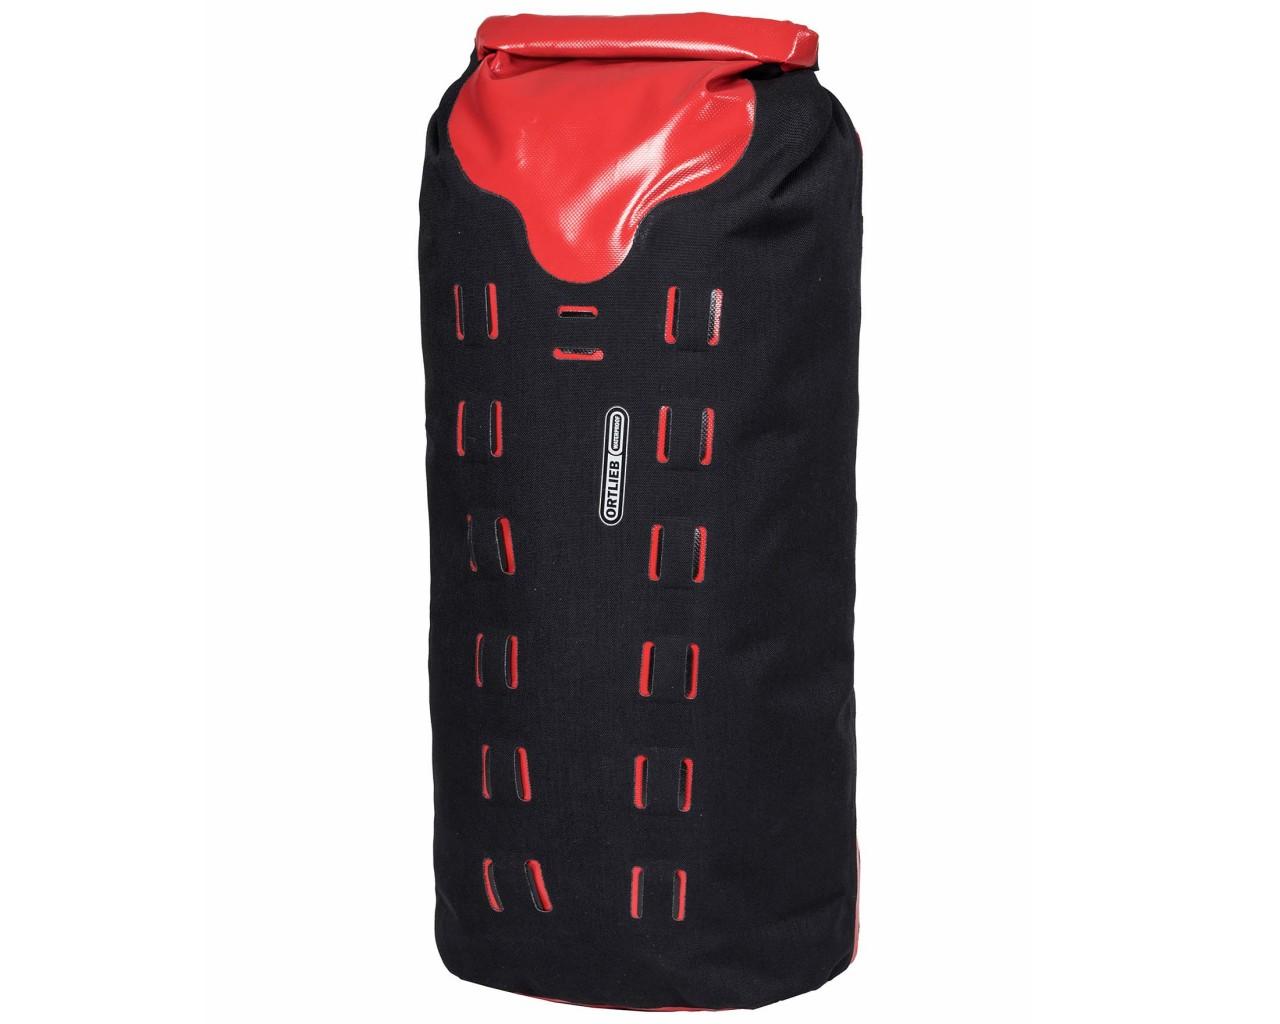 Ortlieb Gear-Pack 32 liter waterproof dry bag/backpack   black-red